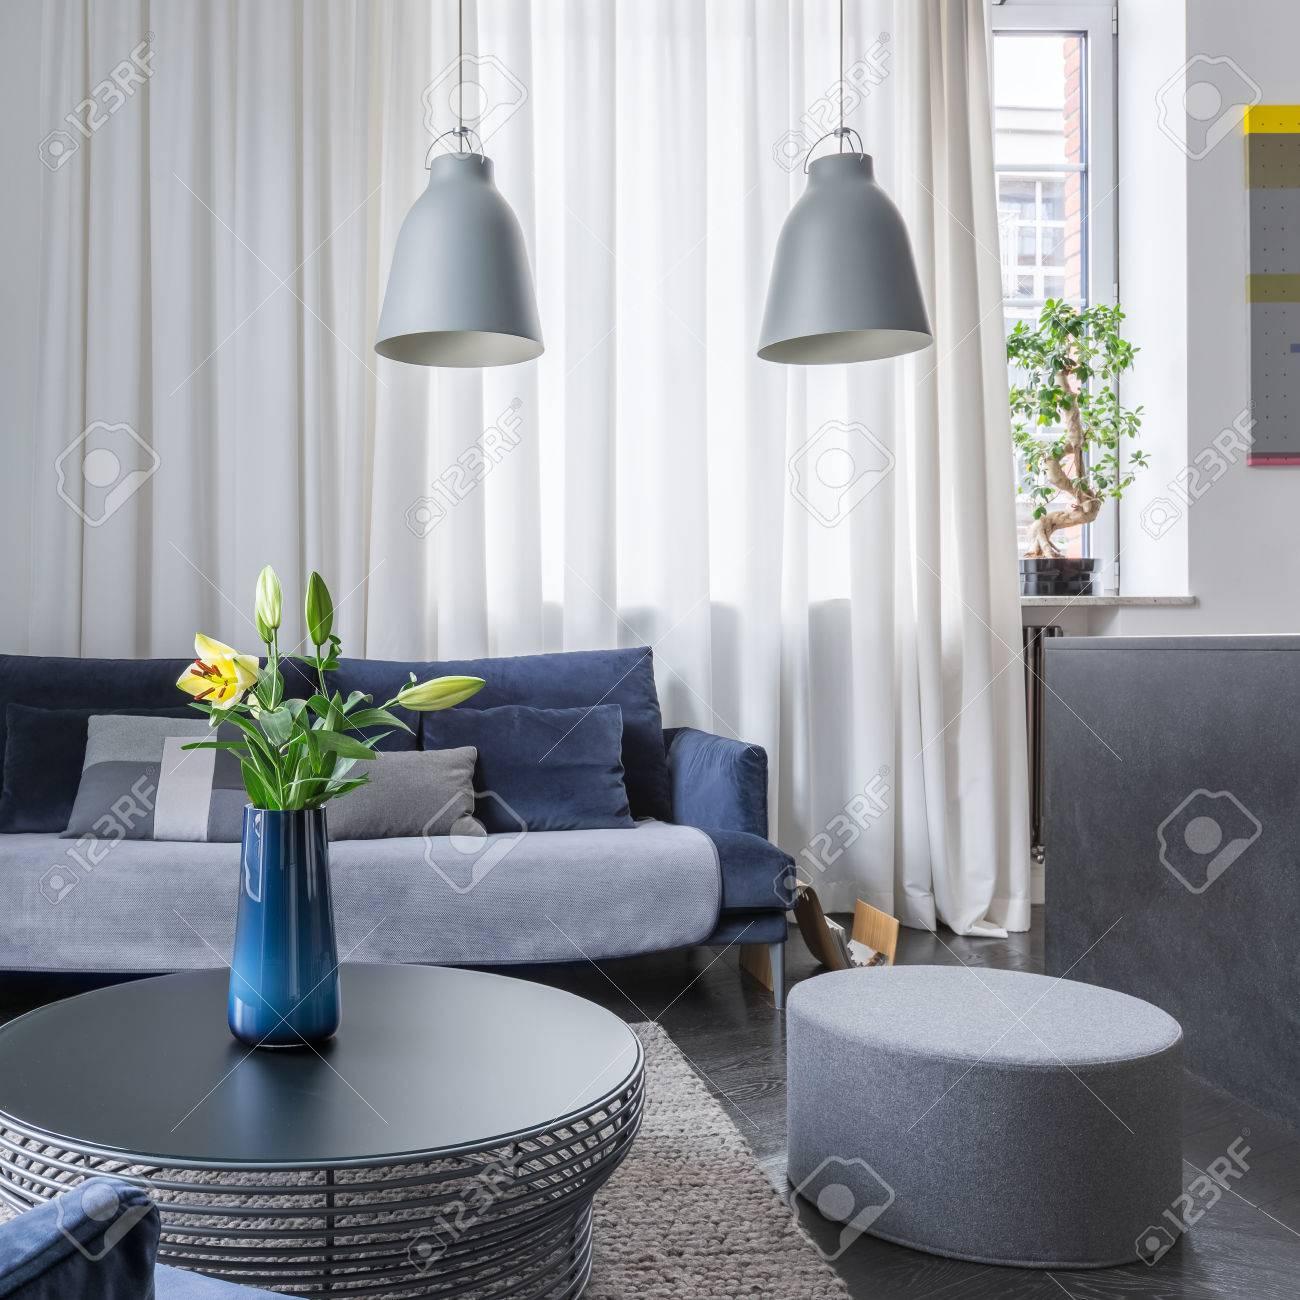 Wohnzimmer Mit Weißen Wand Und Dunklen Möbeln Lizenzfreie Fotos